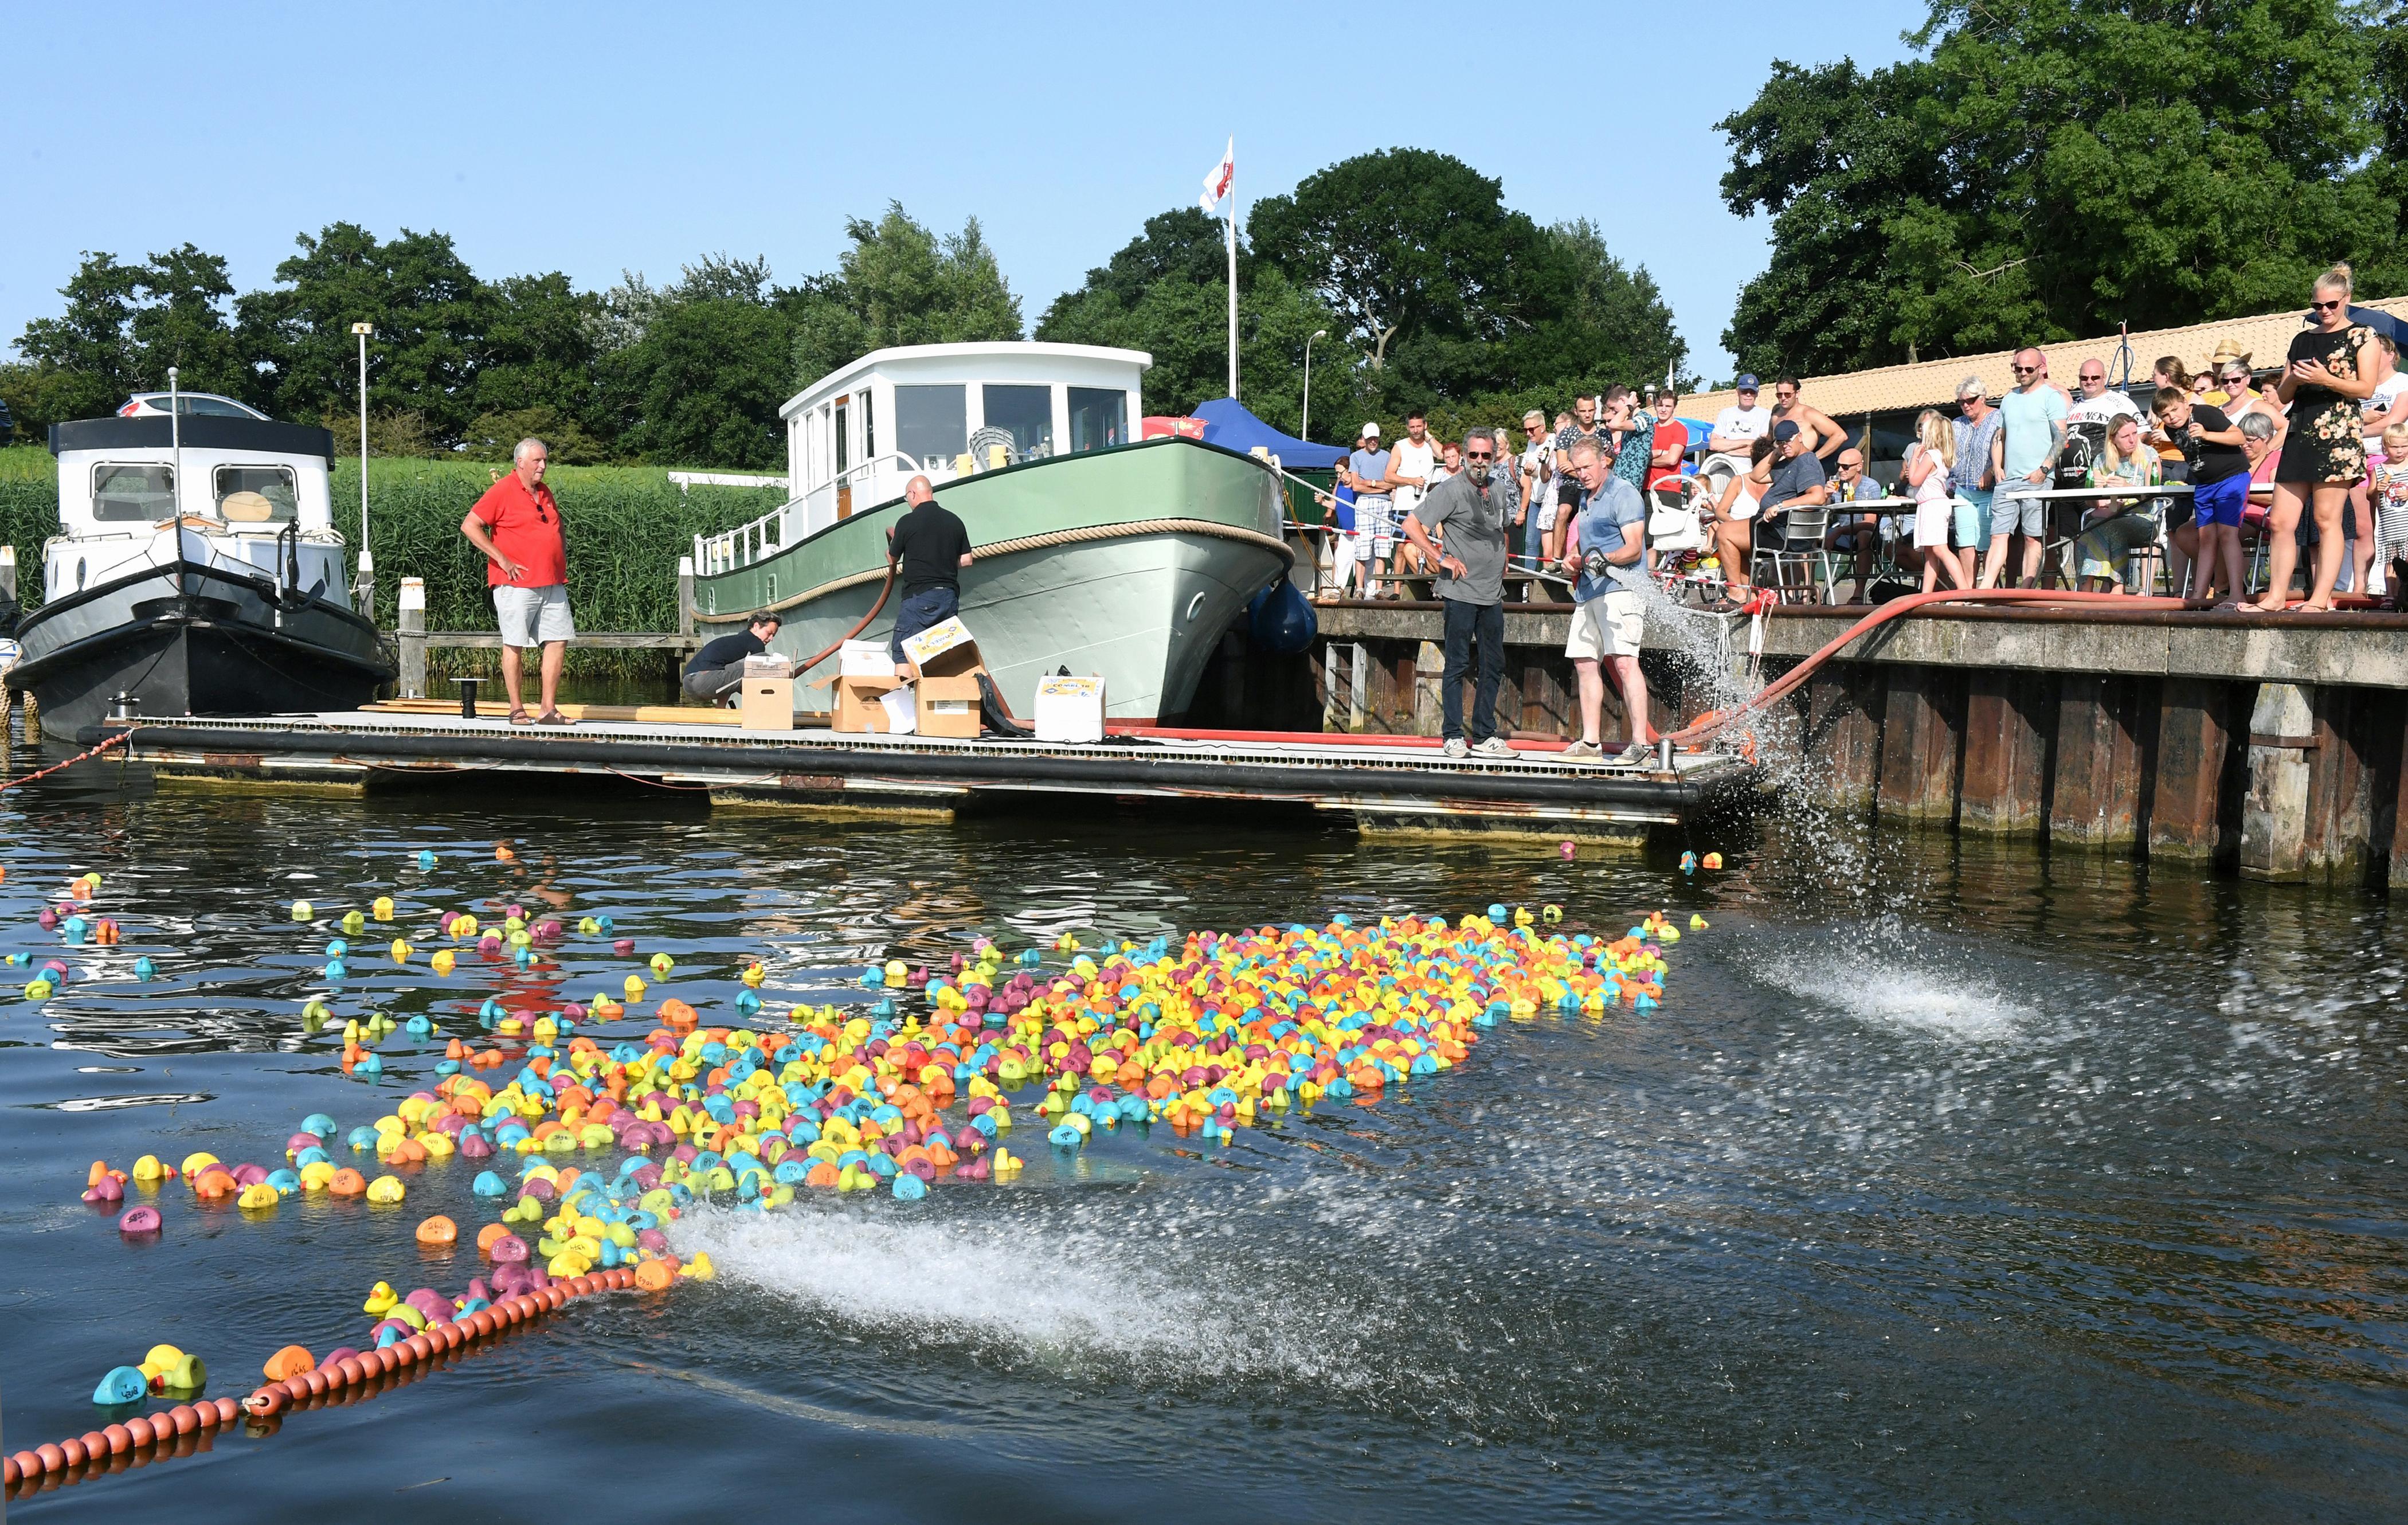 Vanwege corona geen feestje in de haven maar een duckrace in het zwembad, dus hengelen kinderen naar plastic badeendjes